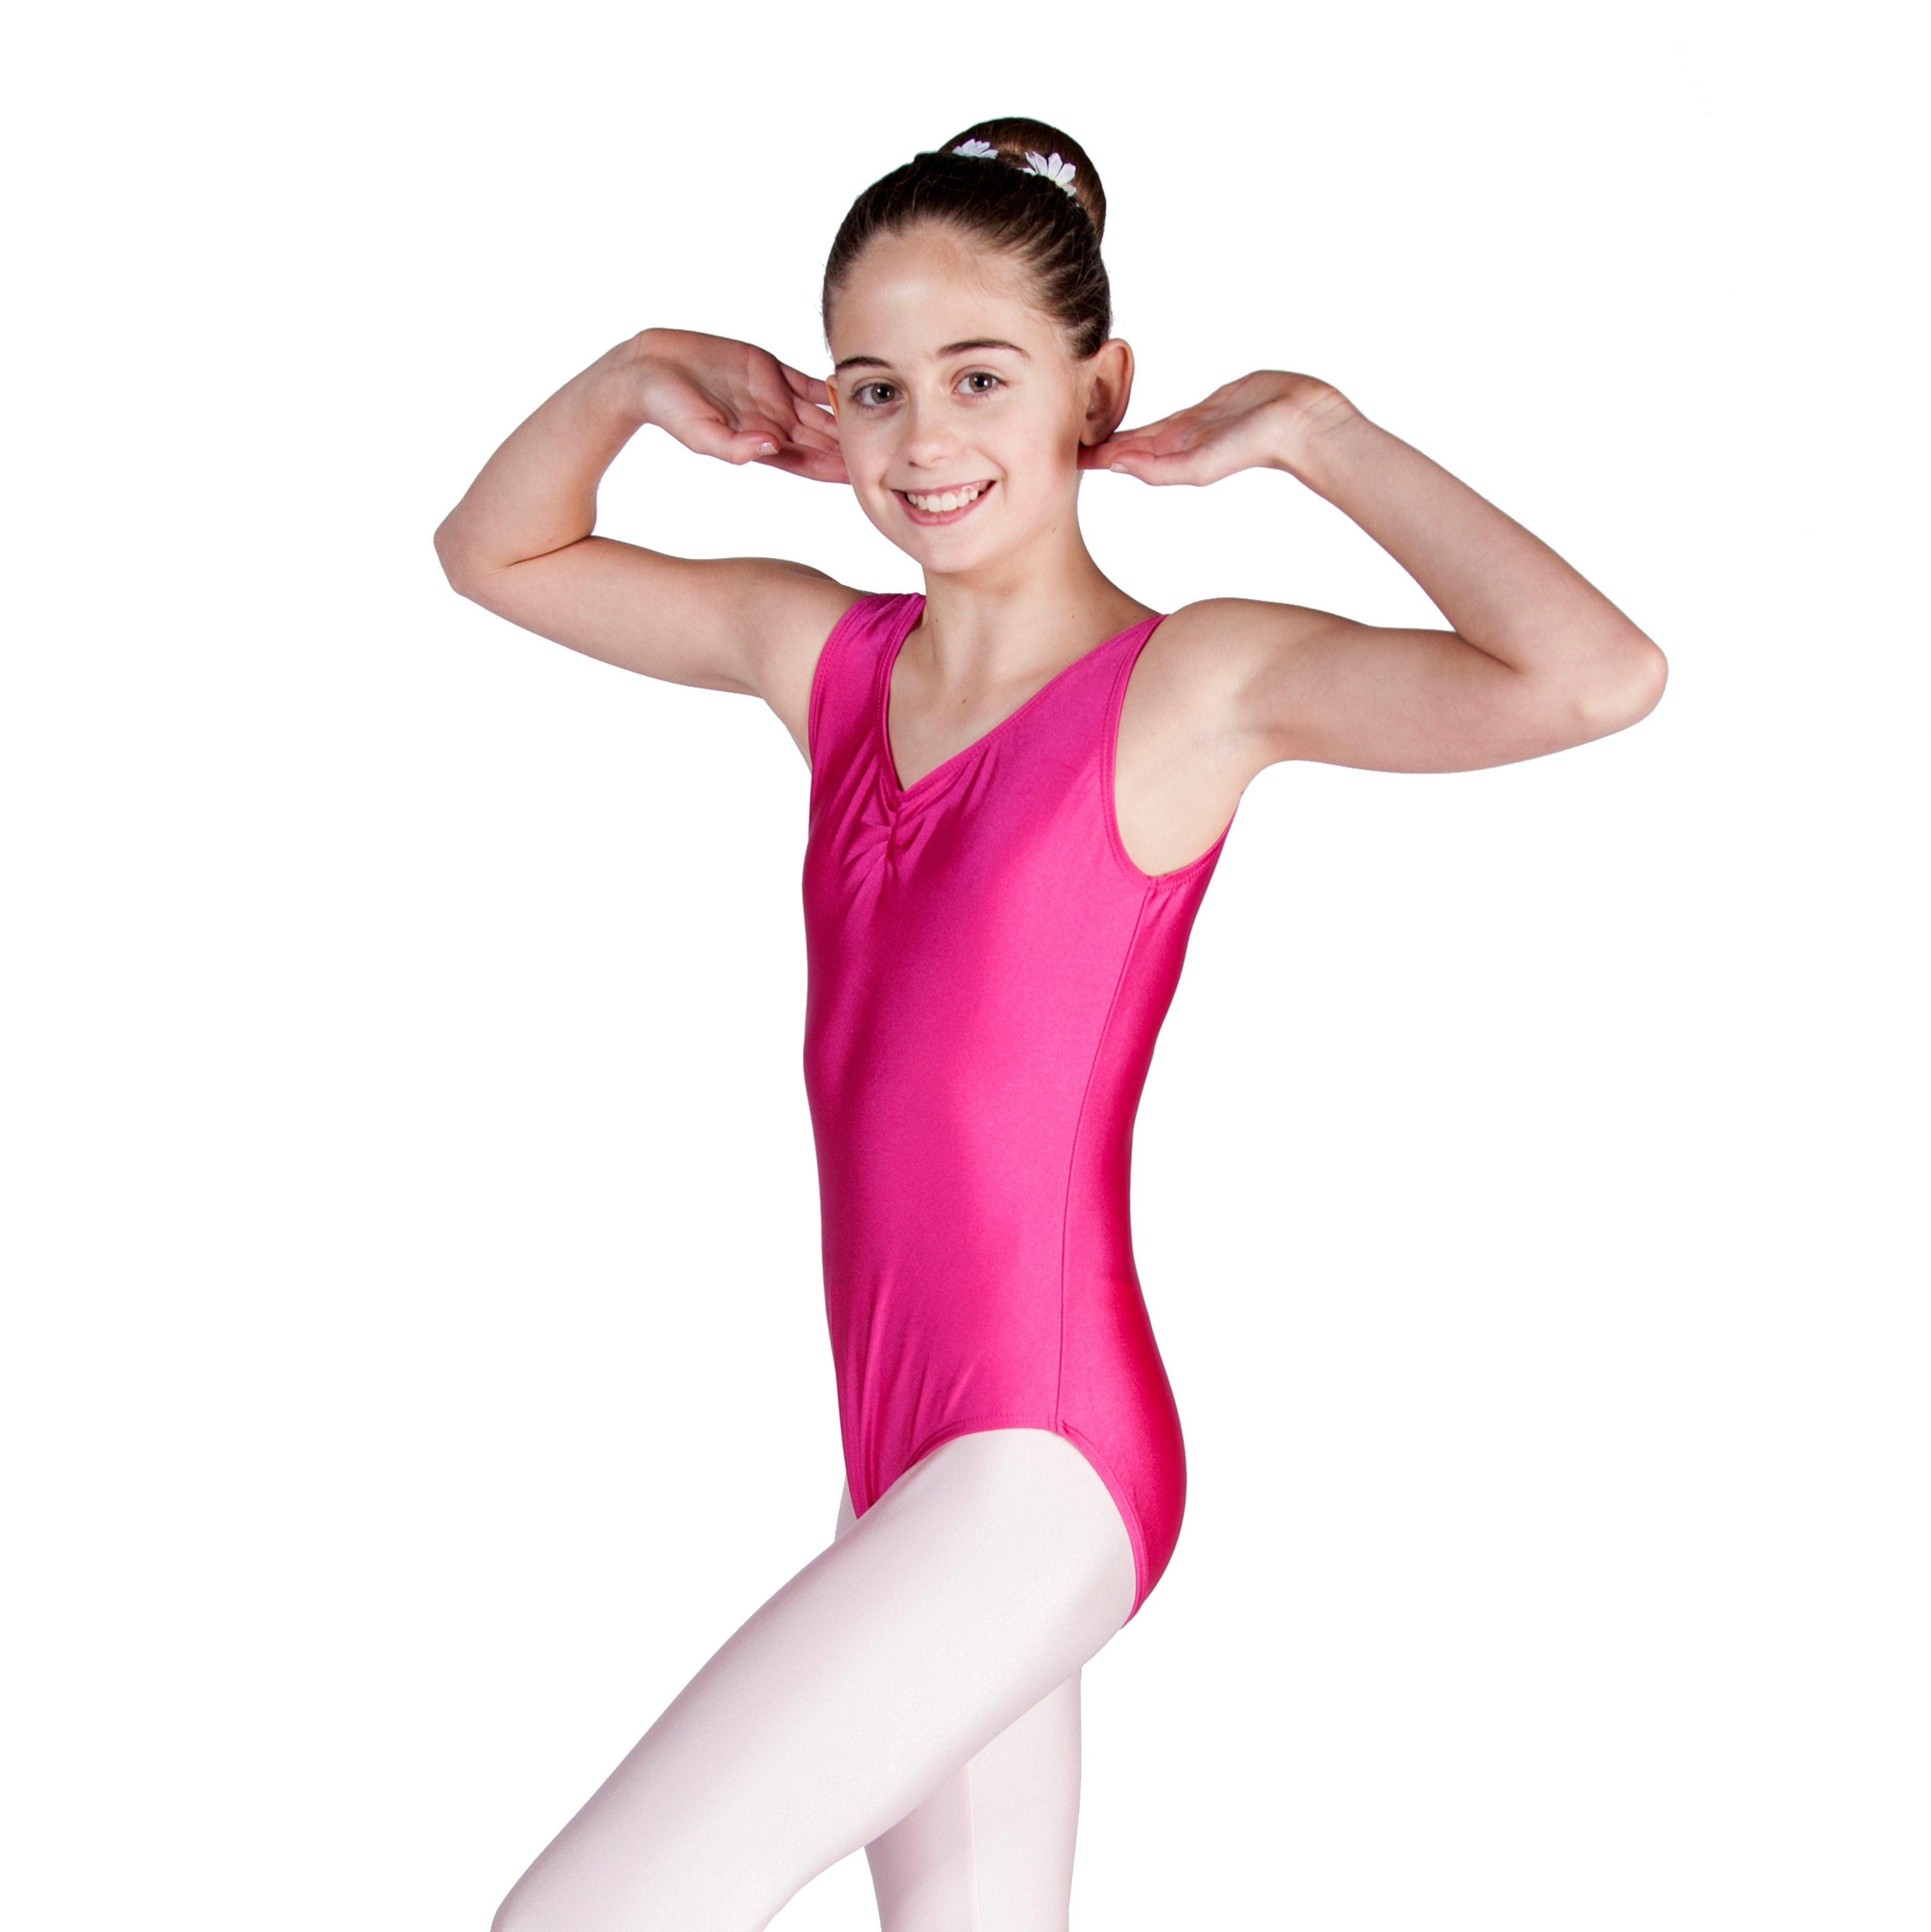 GIRLS//LADIES LAUREN BALLET LEOTARD NYLON LYCRA SLEEVELESS DANCE LEOTARD